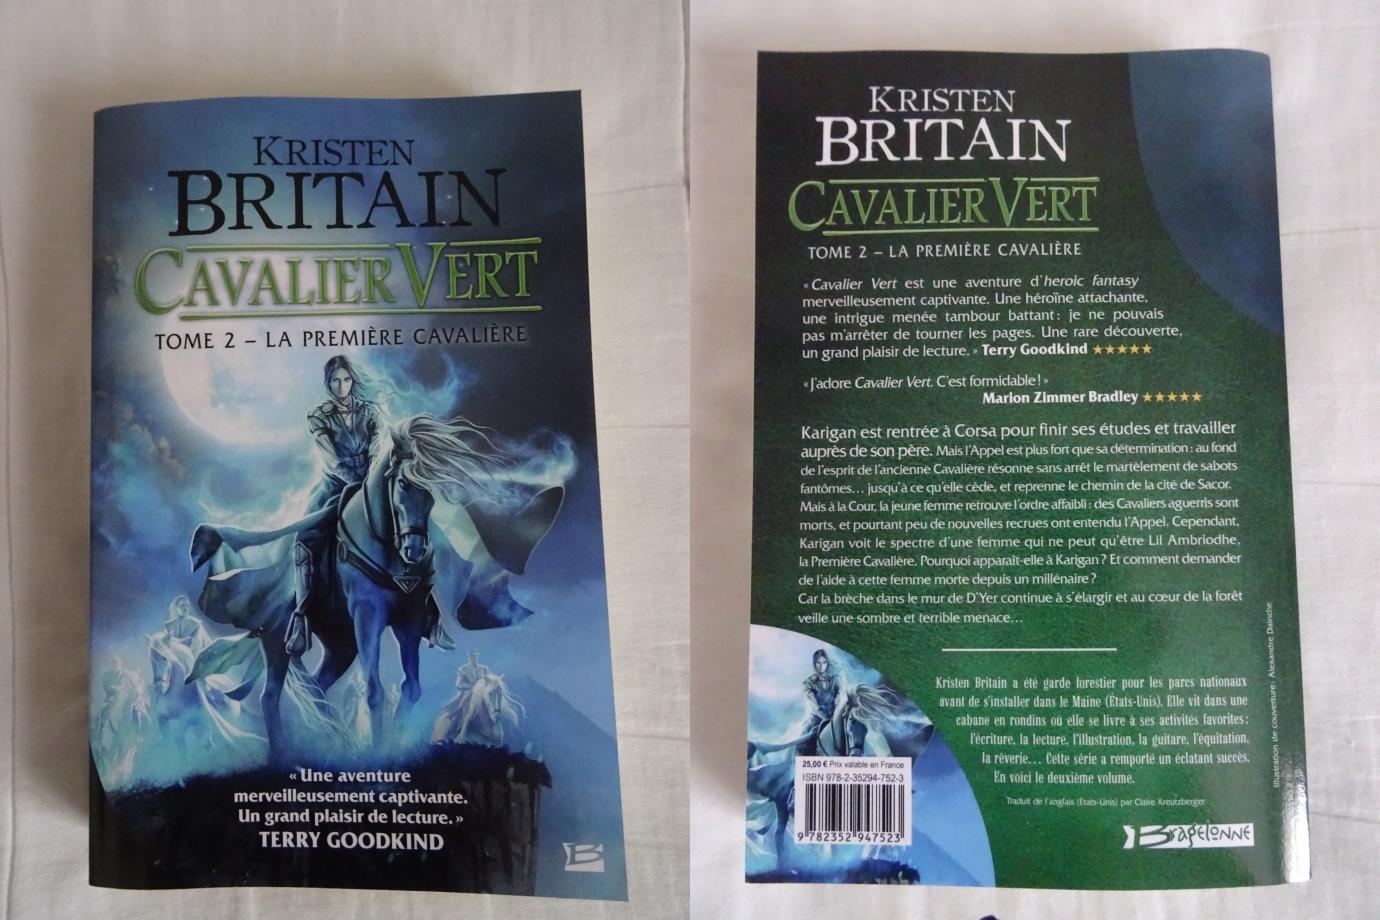 fin de la lecture du deuxième tome,dans la continuité du premier volume.l'histoire des cavaliers verts est vraiment captivante et passionnante.allez,je me mets en selle pour aborder le tome 3.